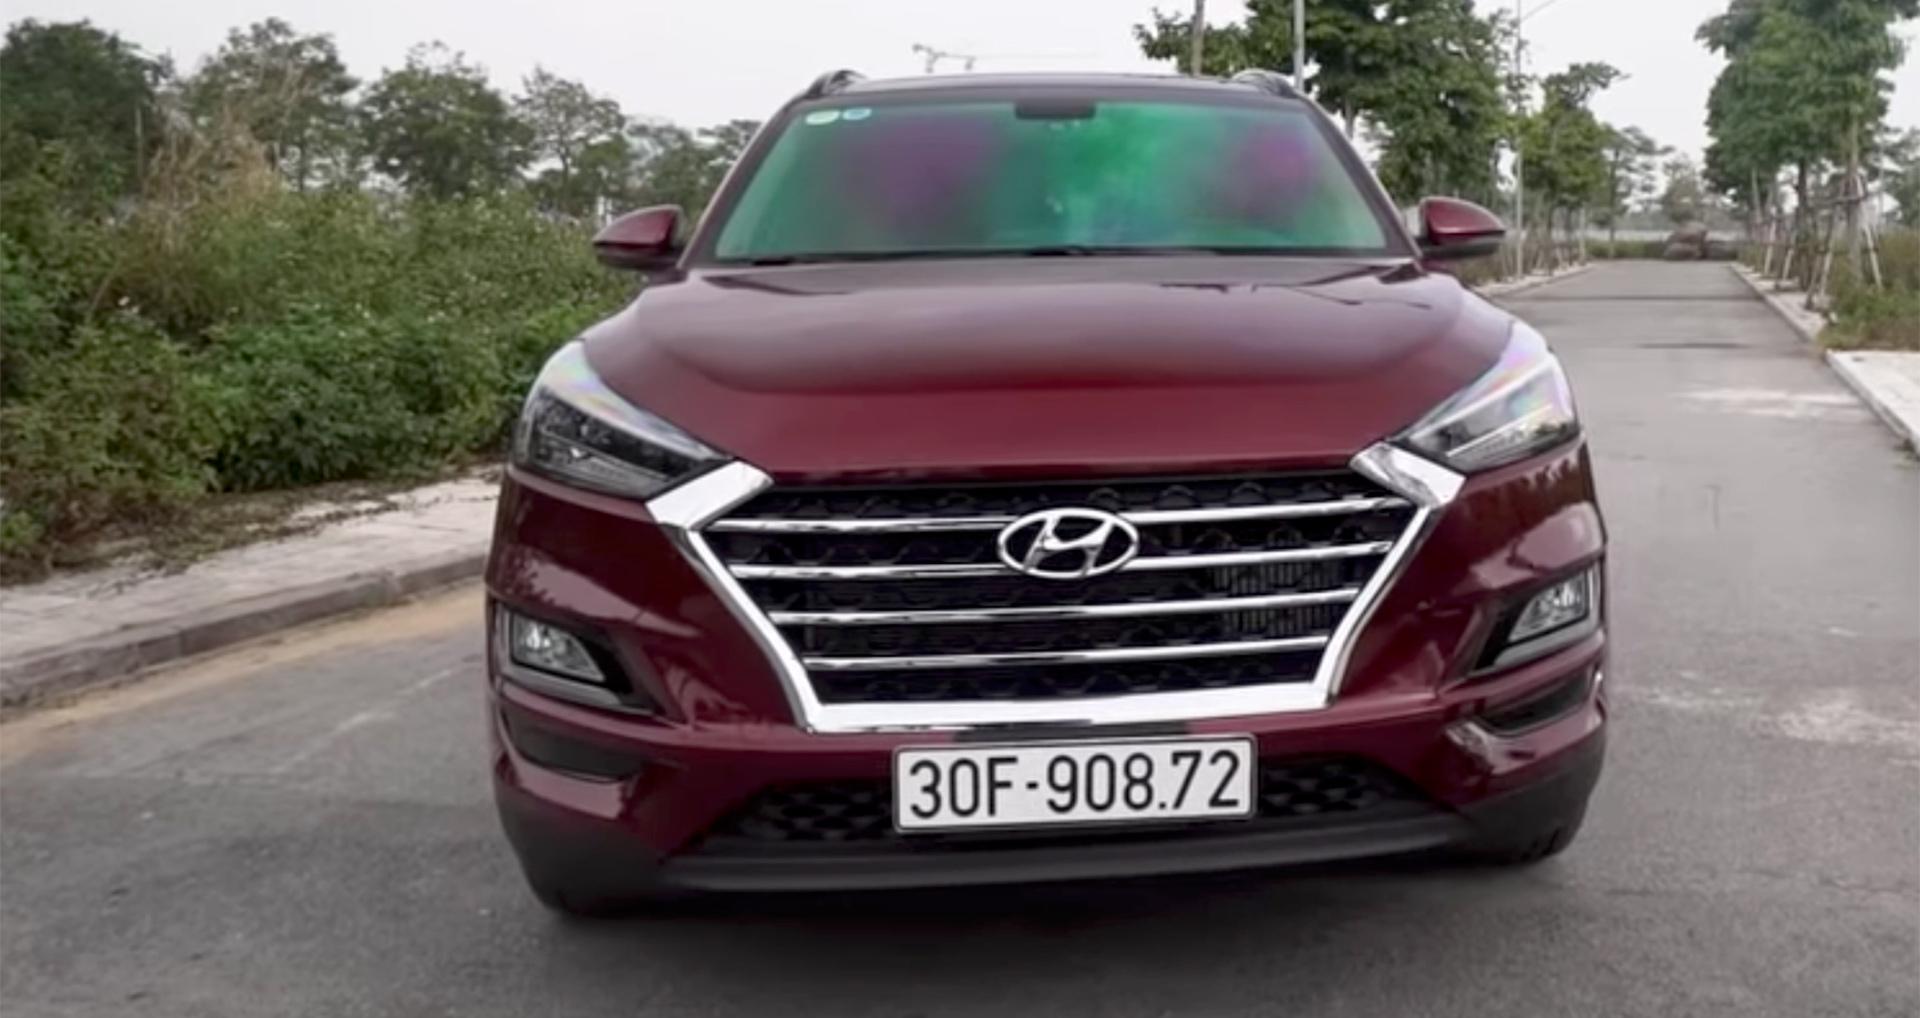 Đánh giá Hyundai Tucson 2020: Dân buôn thích vì giữ giá, Honda CRV 2020 và Mazda CX 5 2020 phải e dè